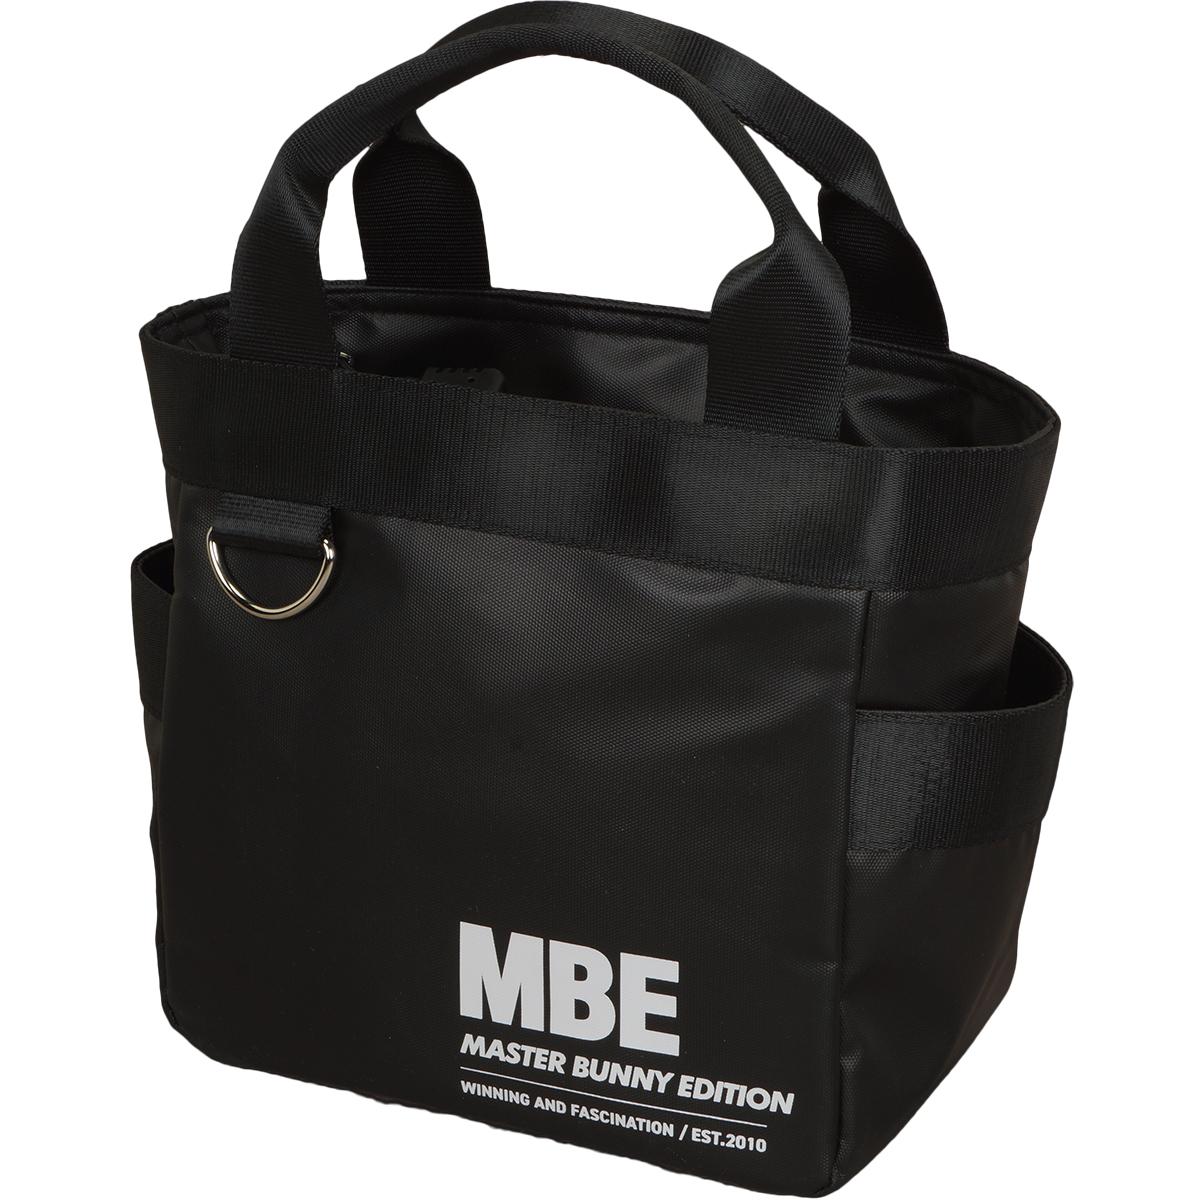 MBEカートバッグ